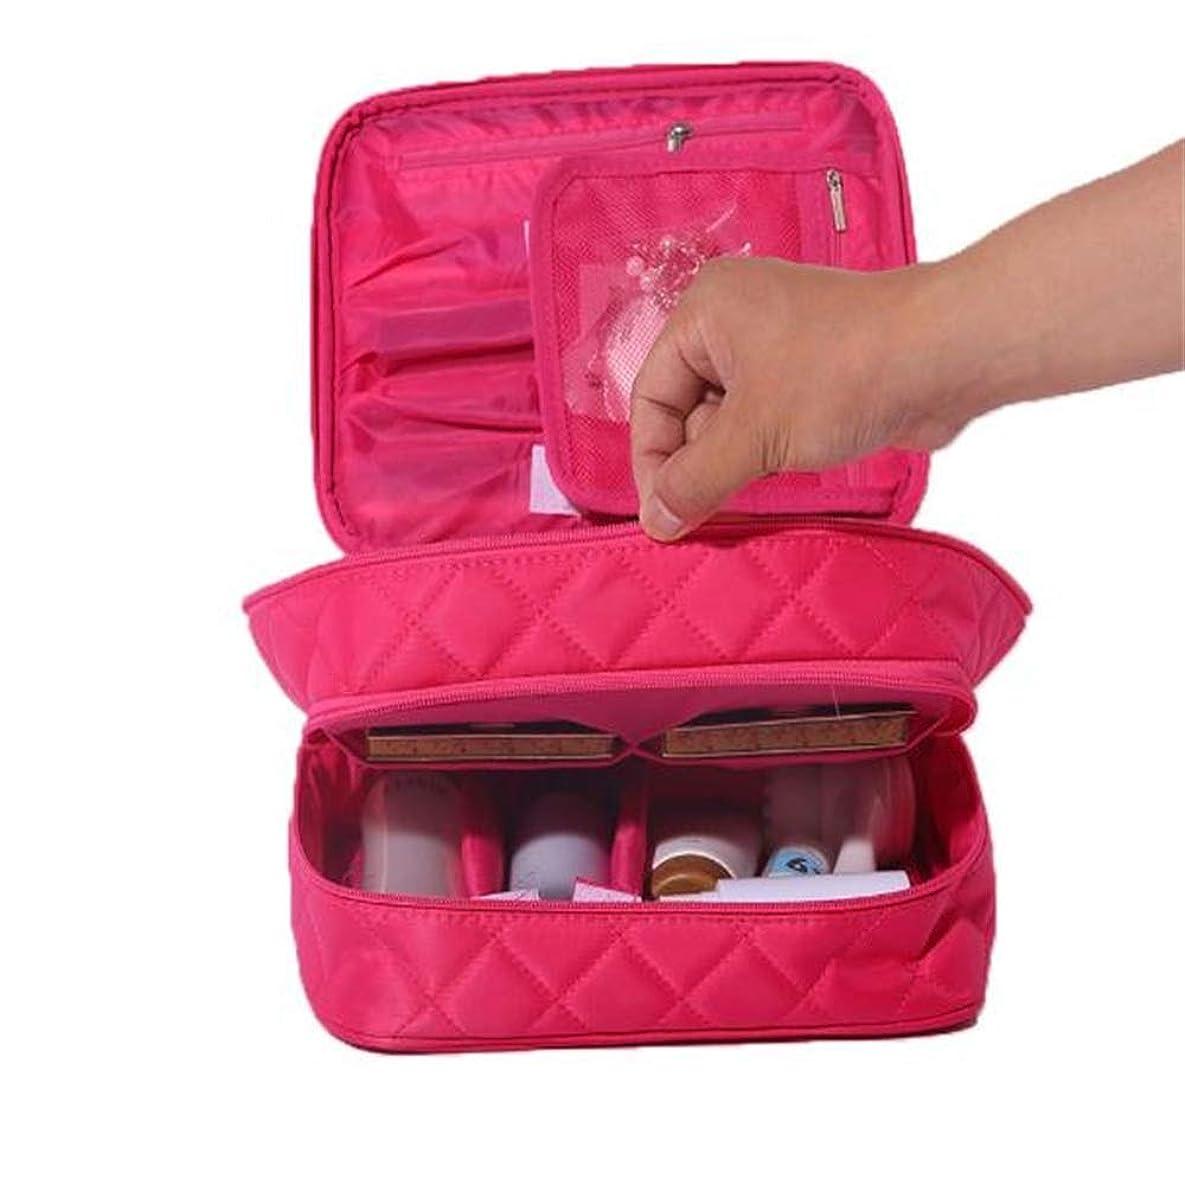 データ殉教者予測する化粧オーガナイザーバッグ ポータブルトラベルレディース菱形化粧品バッグナイロンパーティション化粧ケースダブルオープンウォッシュストレージバッグミニ化粧バッグ。 化粧品ケース (色 : 赤)